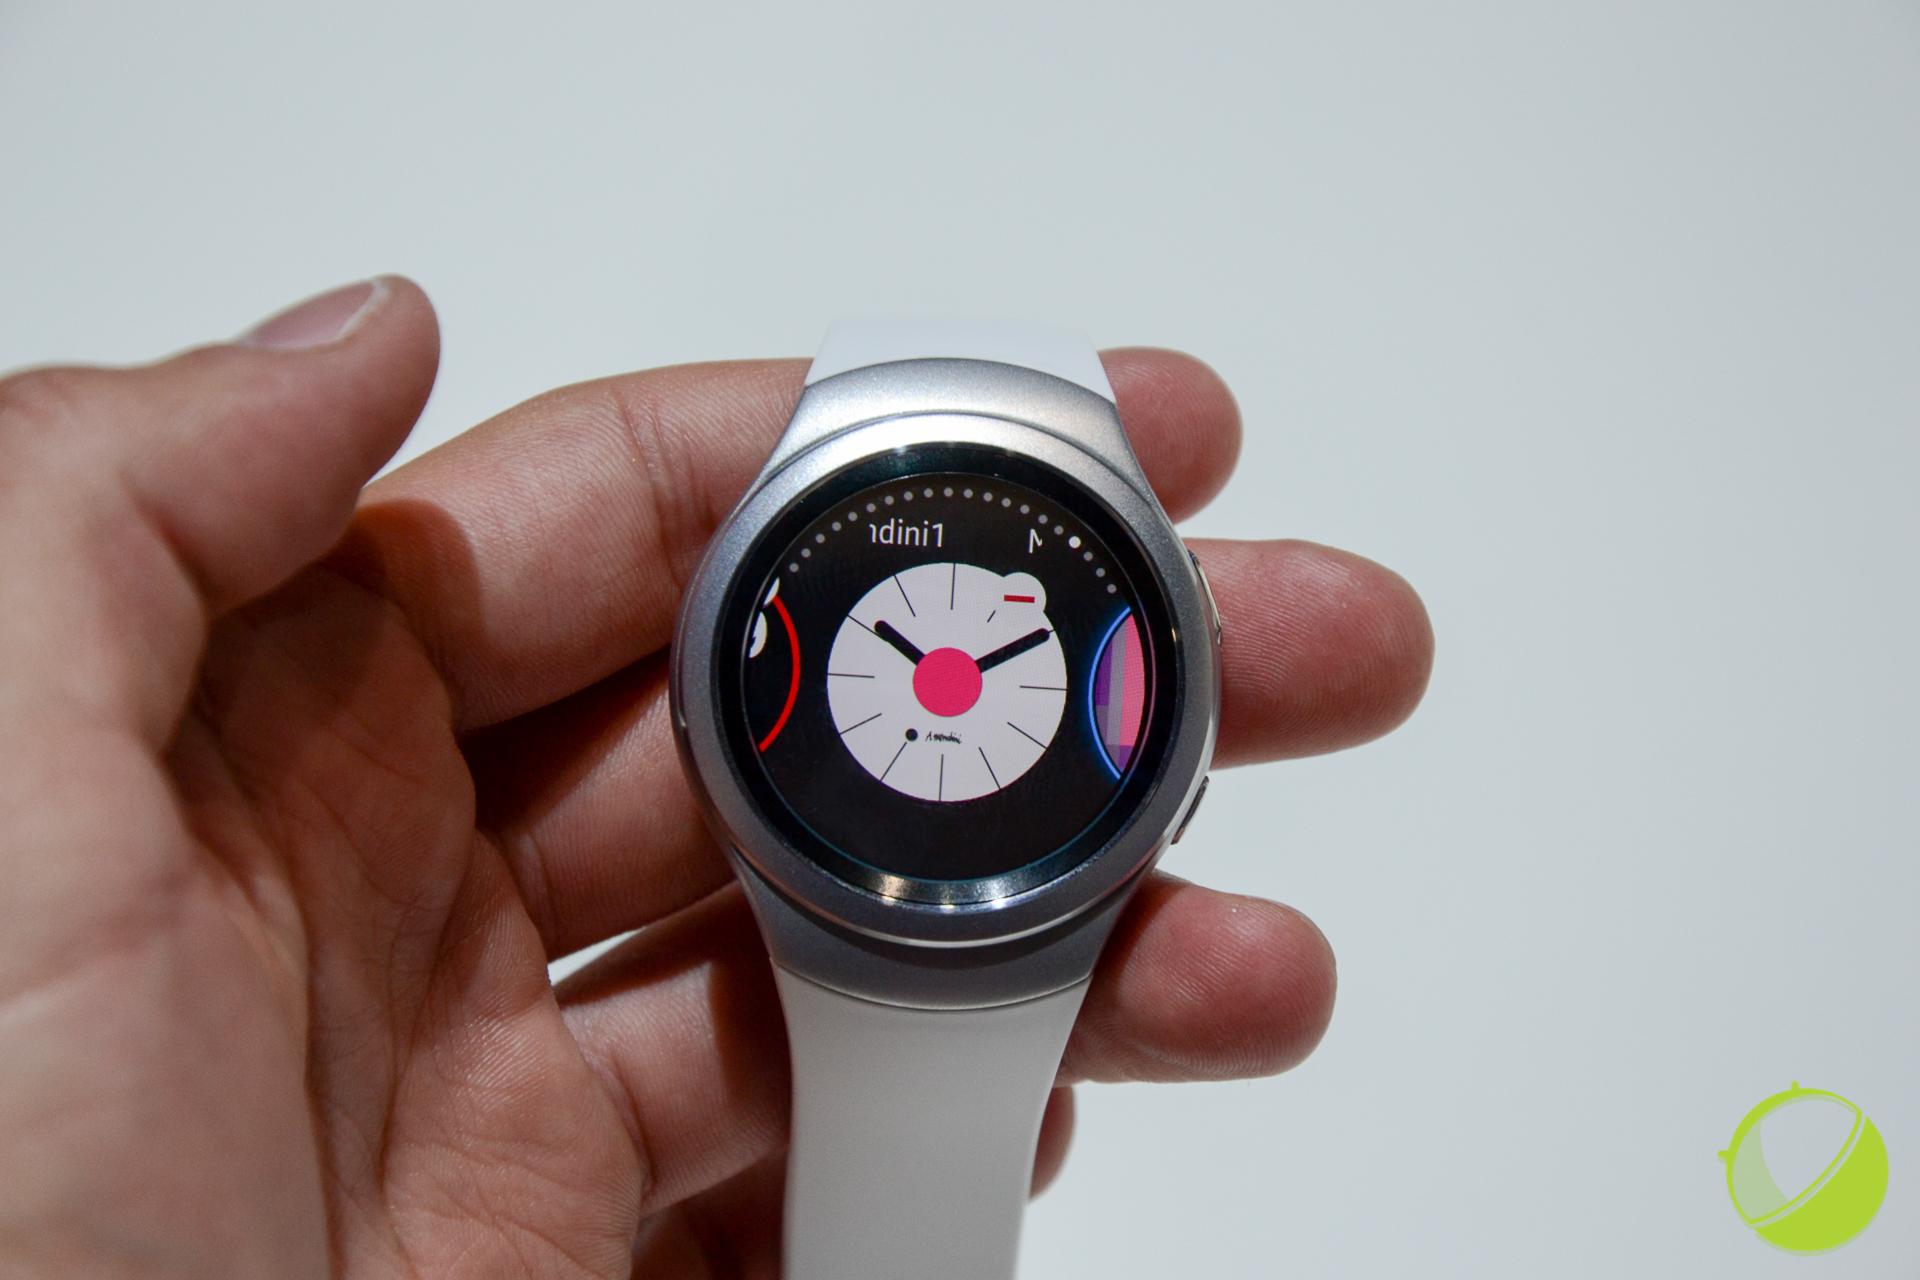 Samsung GearS2 : on connaît maintenant son prix et sa date de sortie